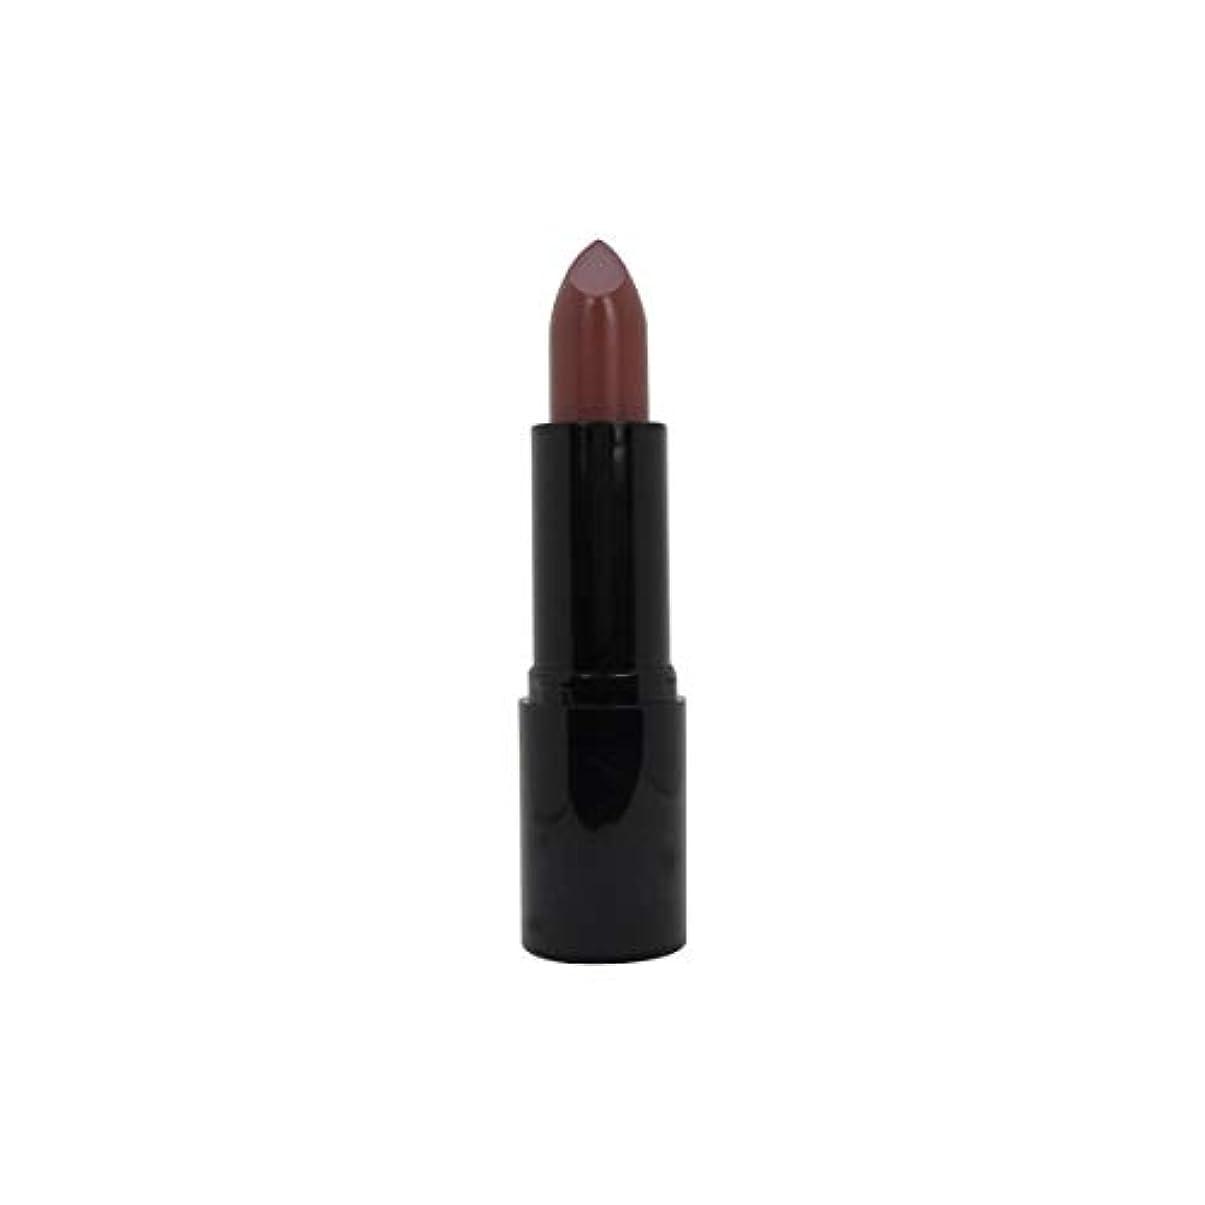 慎重に歪める遺体安置所Skinerie The Collection Lipstick 02 Close Rose 3,5g